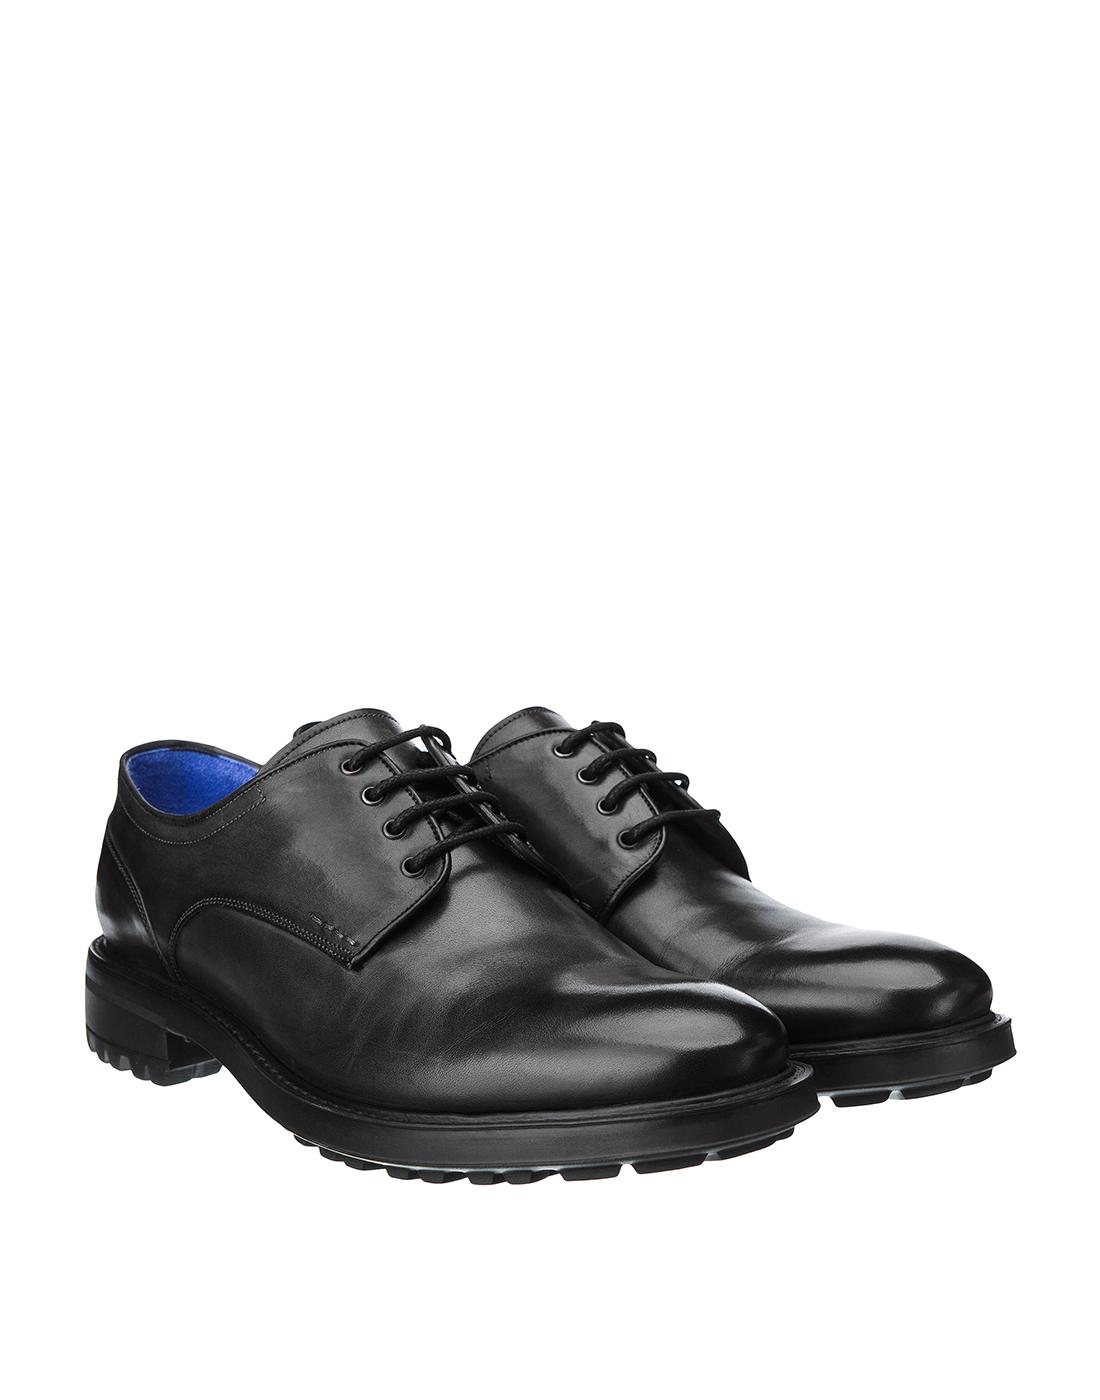 Туфли серые мужские Brecos S8133-2